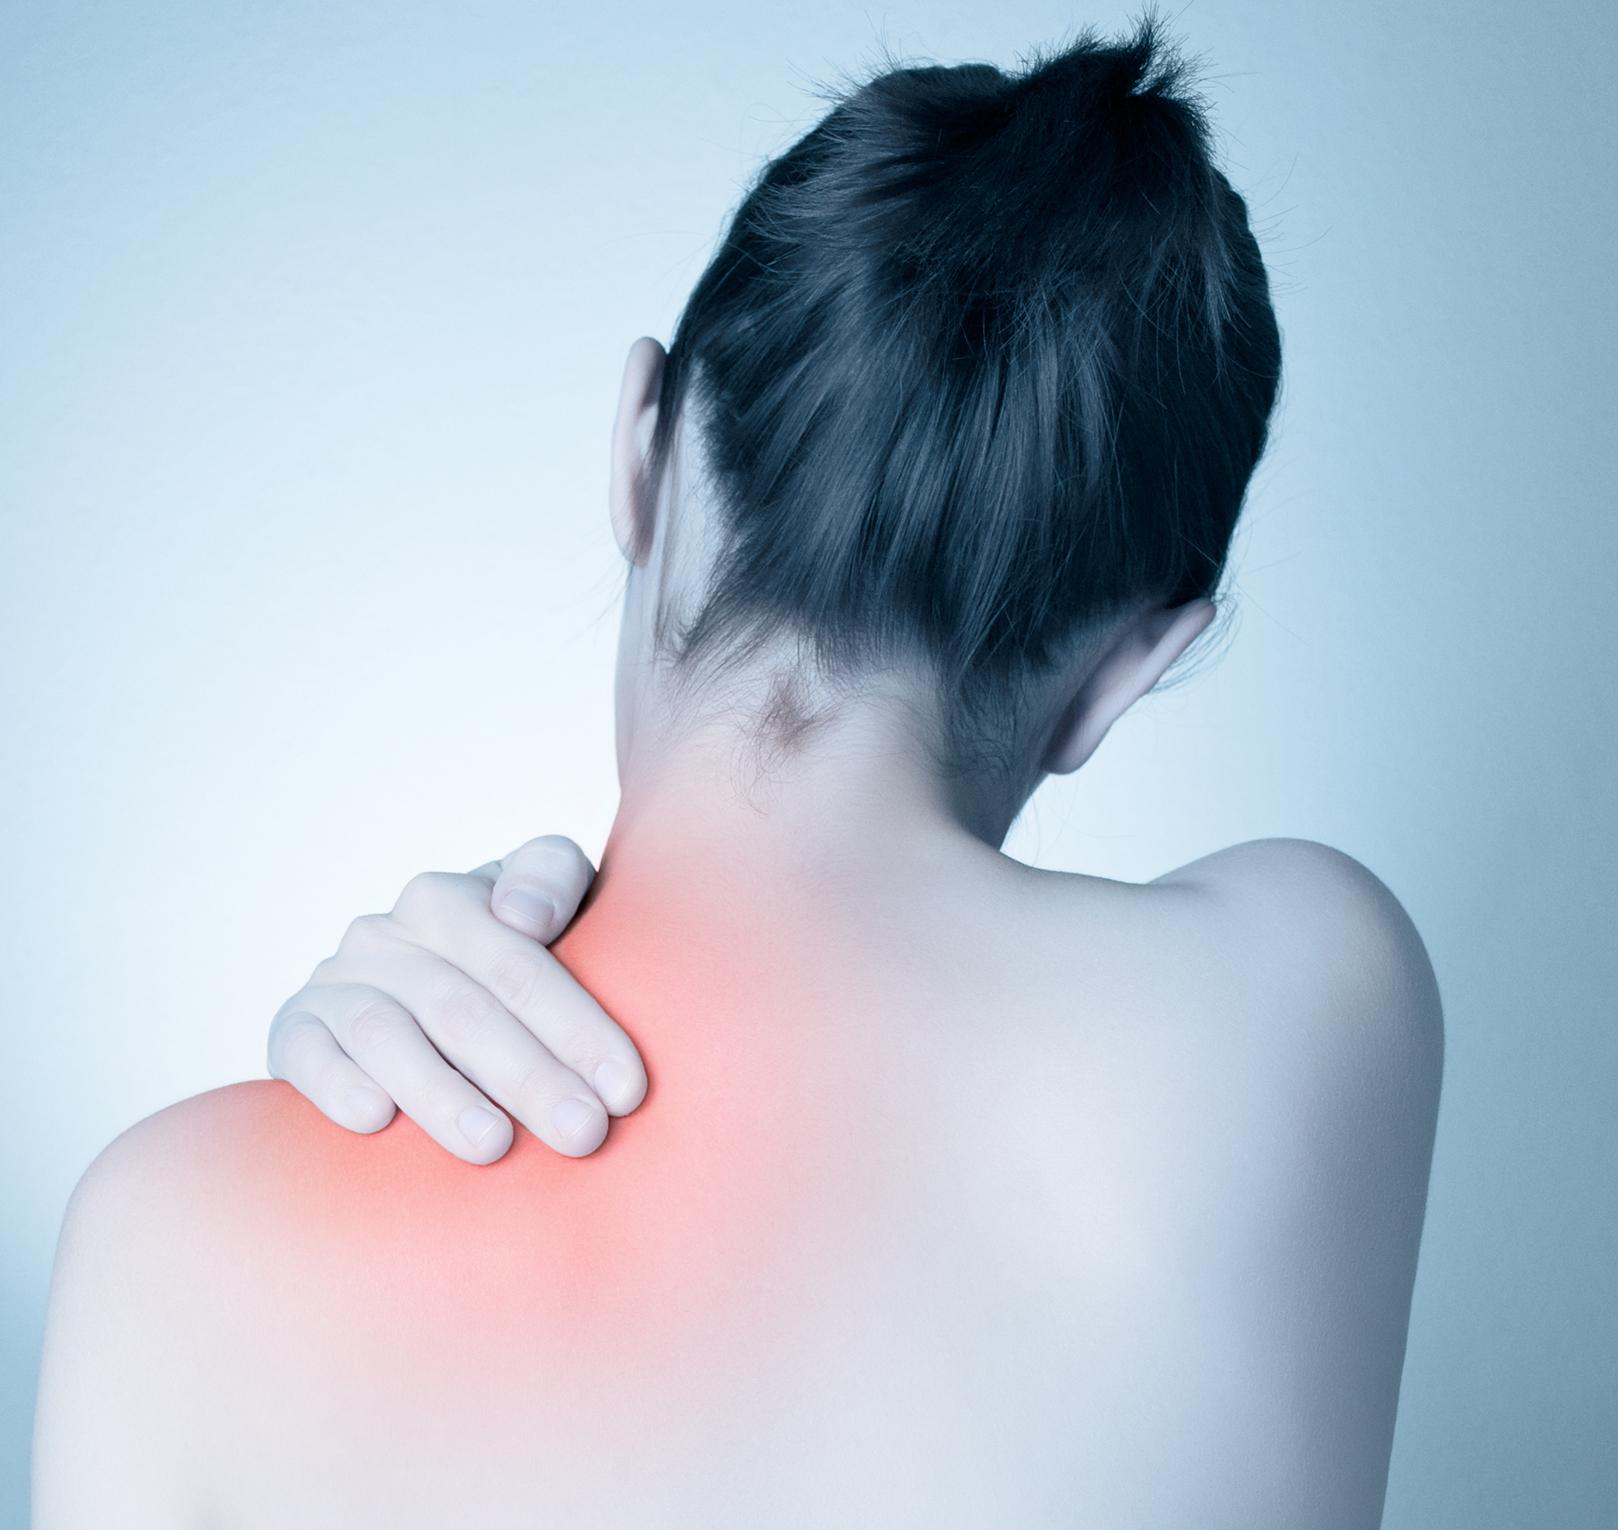 Миалгия - причины, симптомы и лечение. народные средства и рецепты. фото и видео